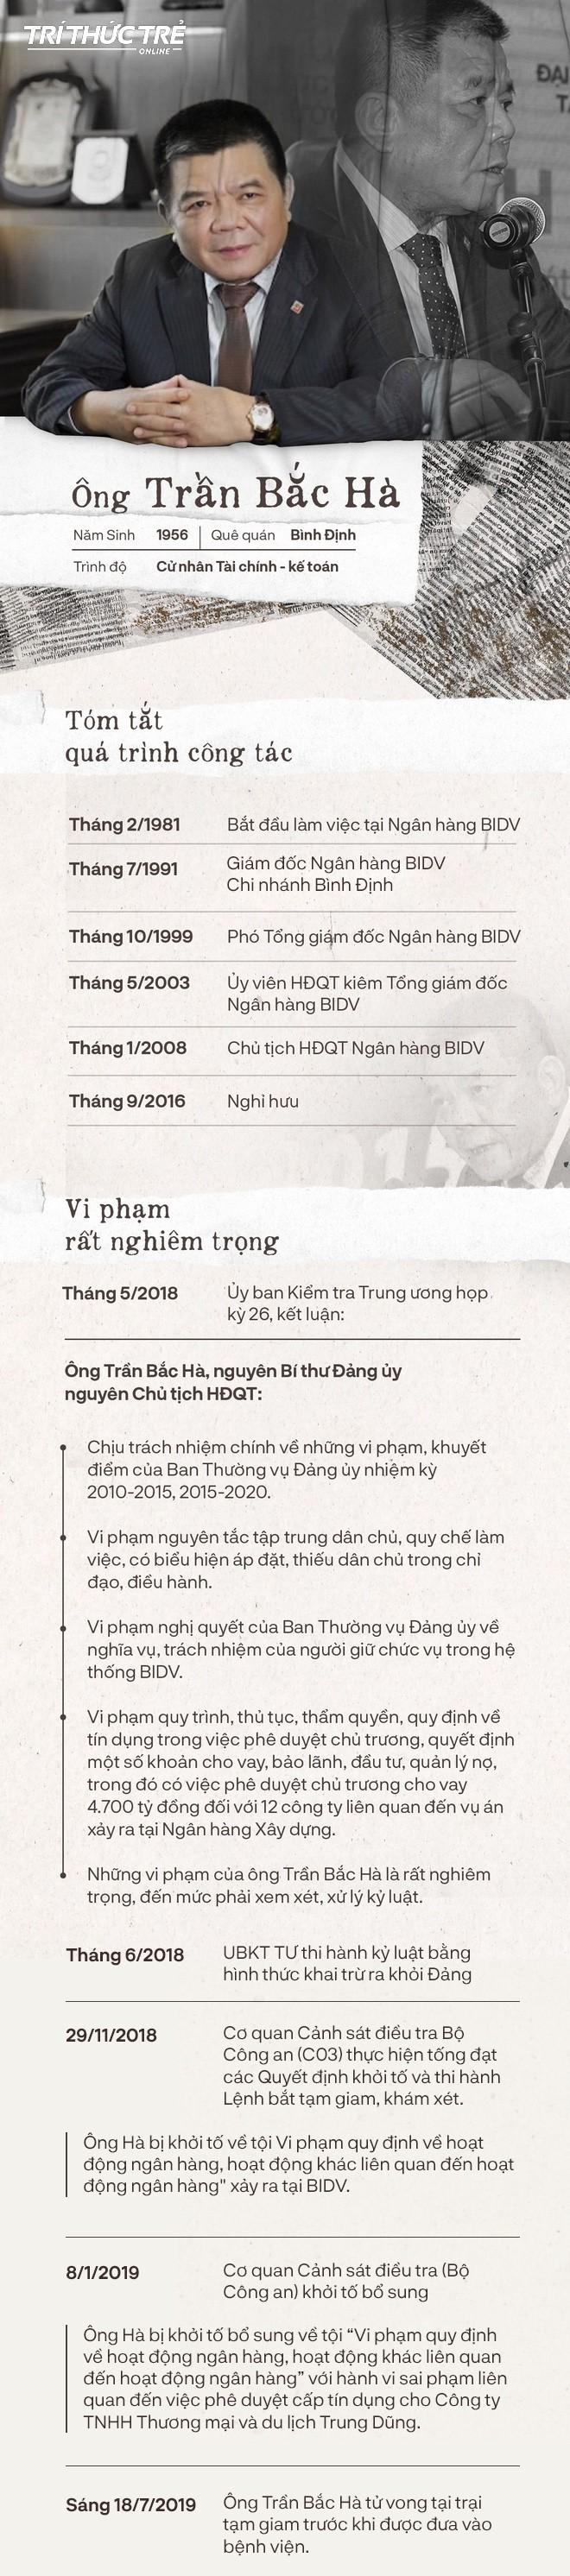 Người thân chuẩn bị bay từ Bình Định ra Hà Nội lo thủ tục tang lễ cho ông Trần Bắc Hà - Ảnh 2.